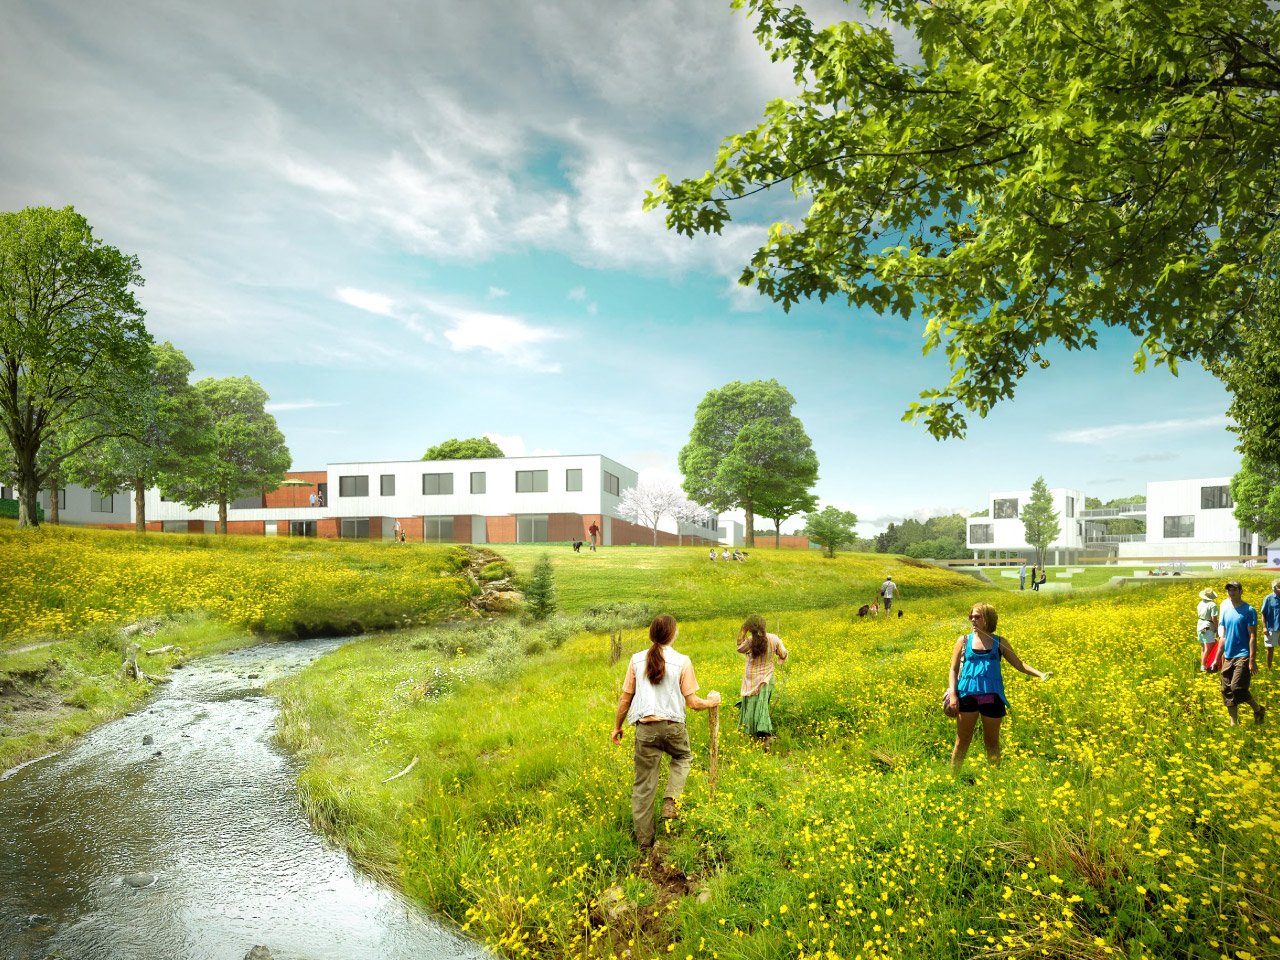 2DVW Architecten en Landschapsarchitectuurbureau uit Rotterdam winnen prijsvraag Wonen met Water in Aalst